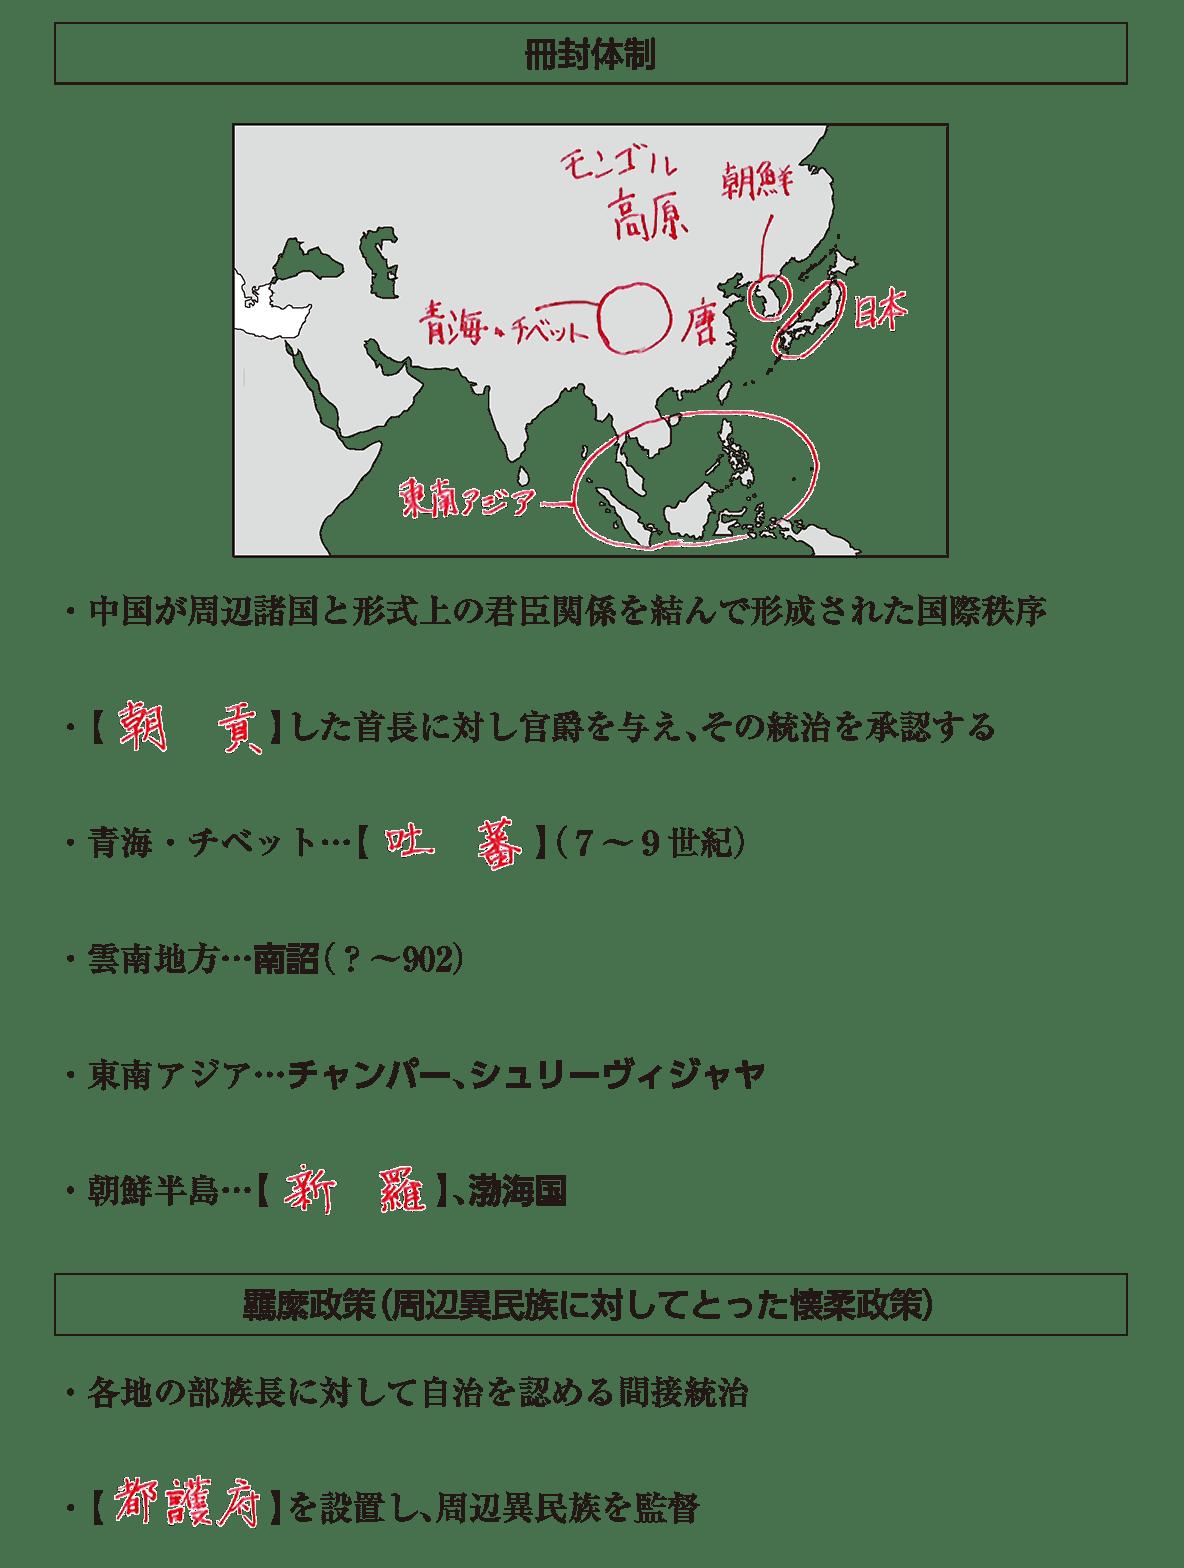 高校世界史 東アジア文明圏の形成4 ポ3 答え全部